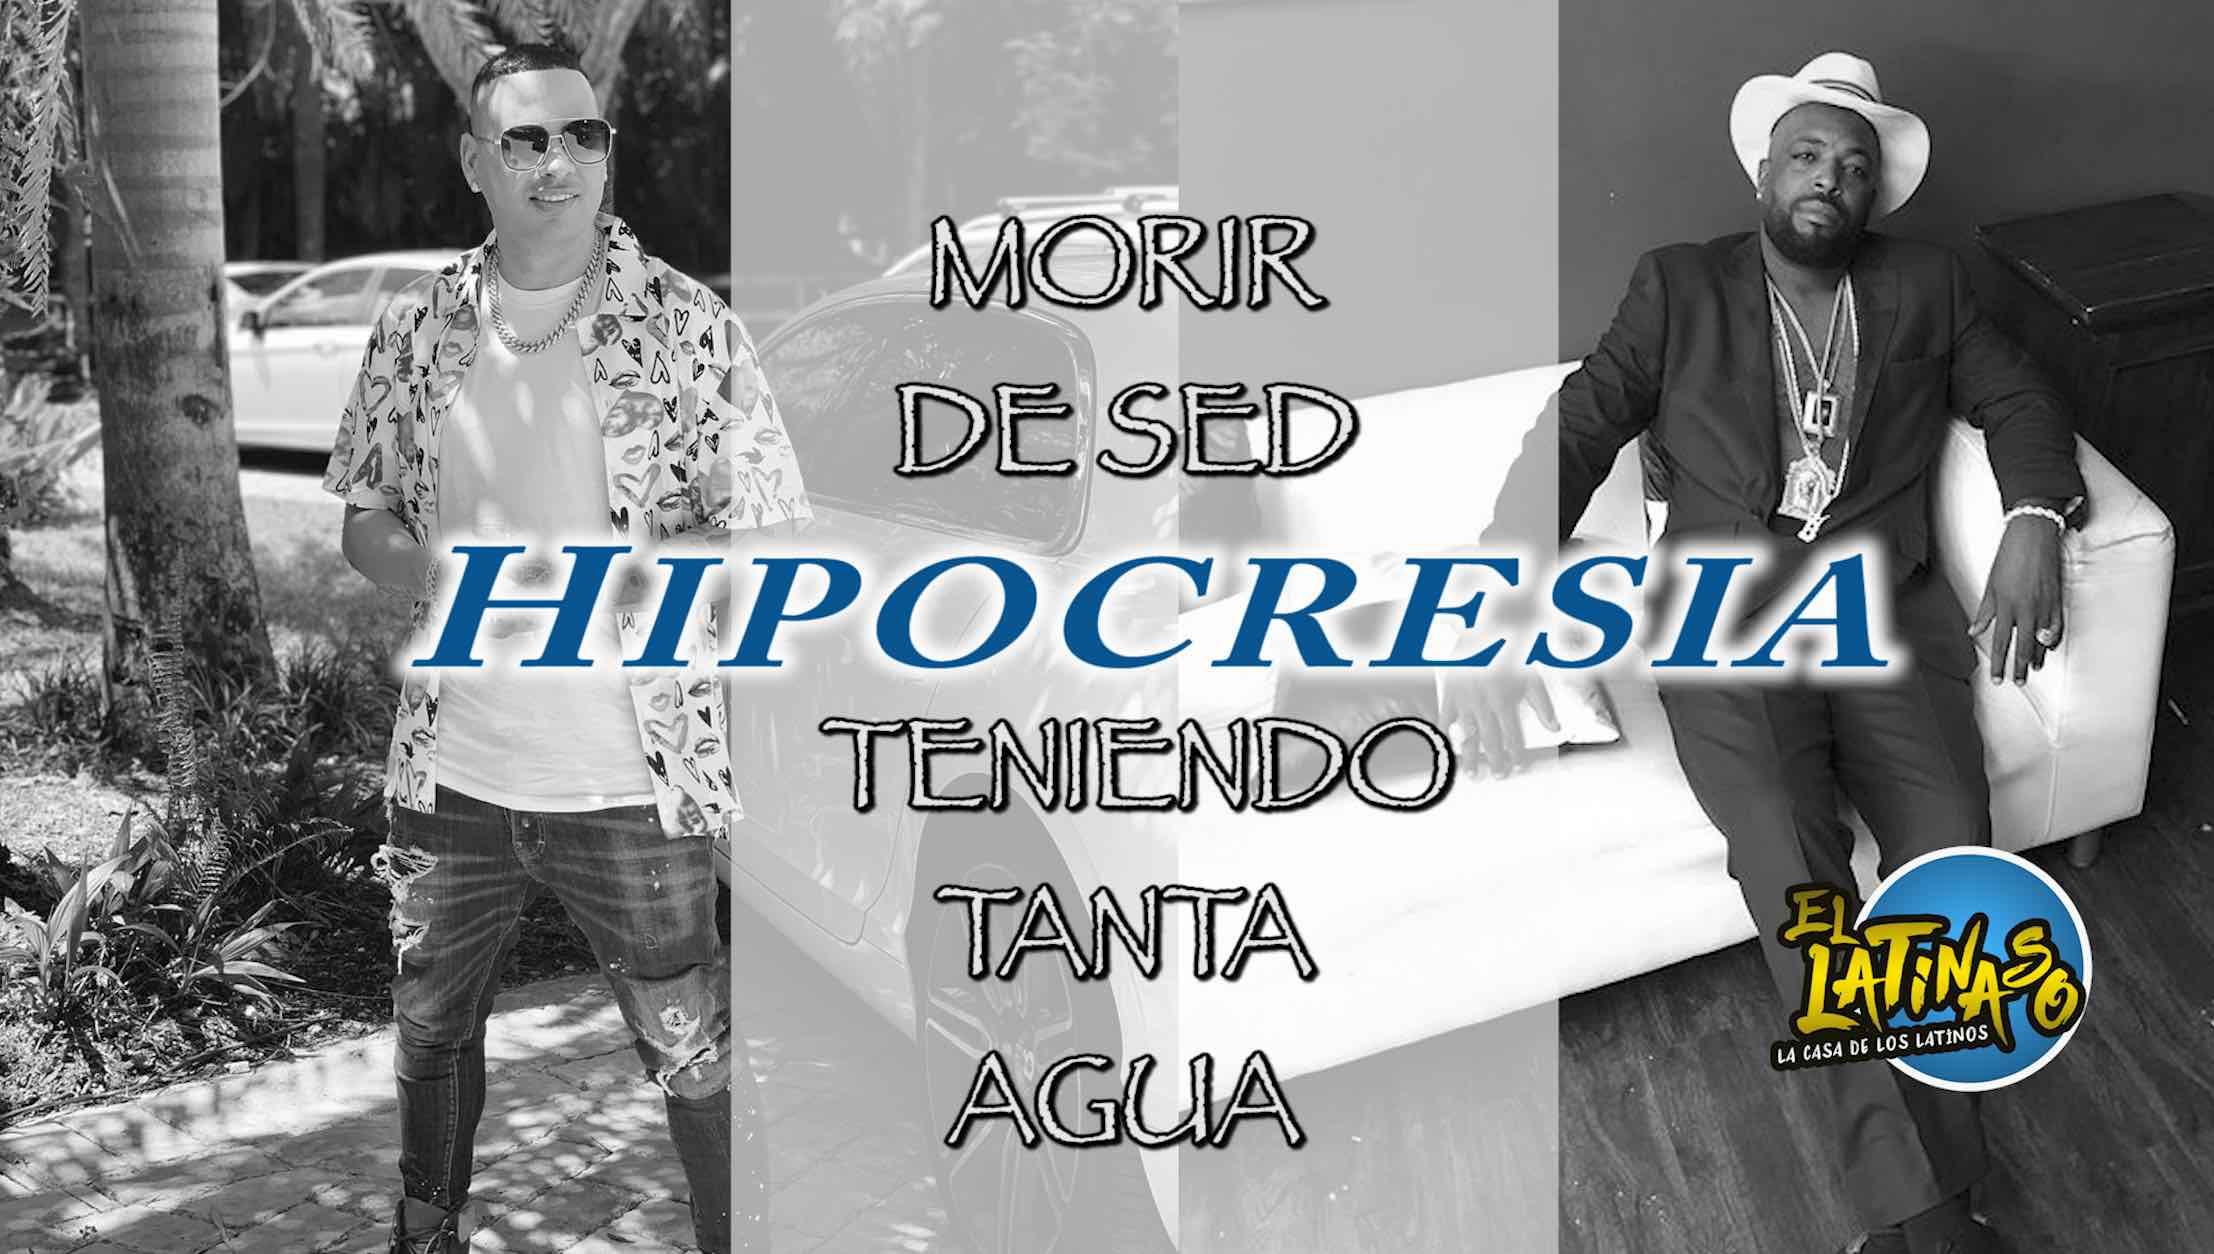 JACOB FOREVER Y EL MICHA DICTADURA CUBANA, CUBA, EL LATINASO NOTICIAS